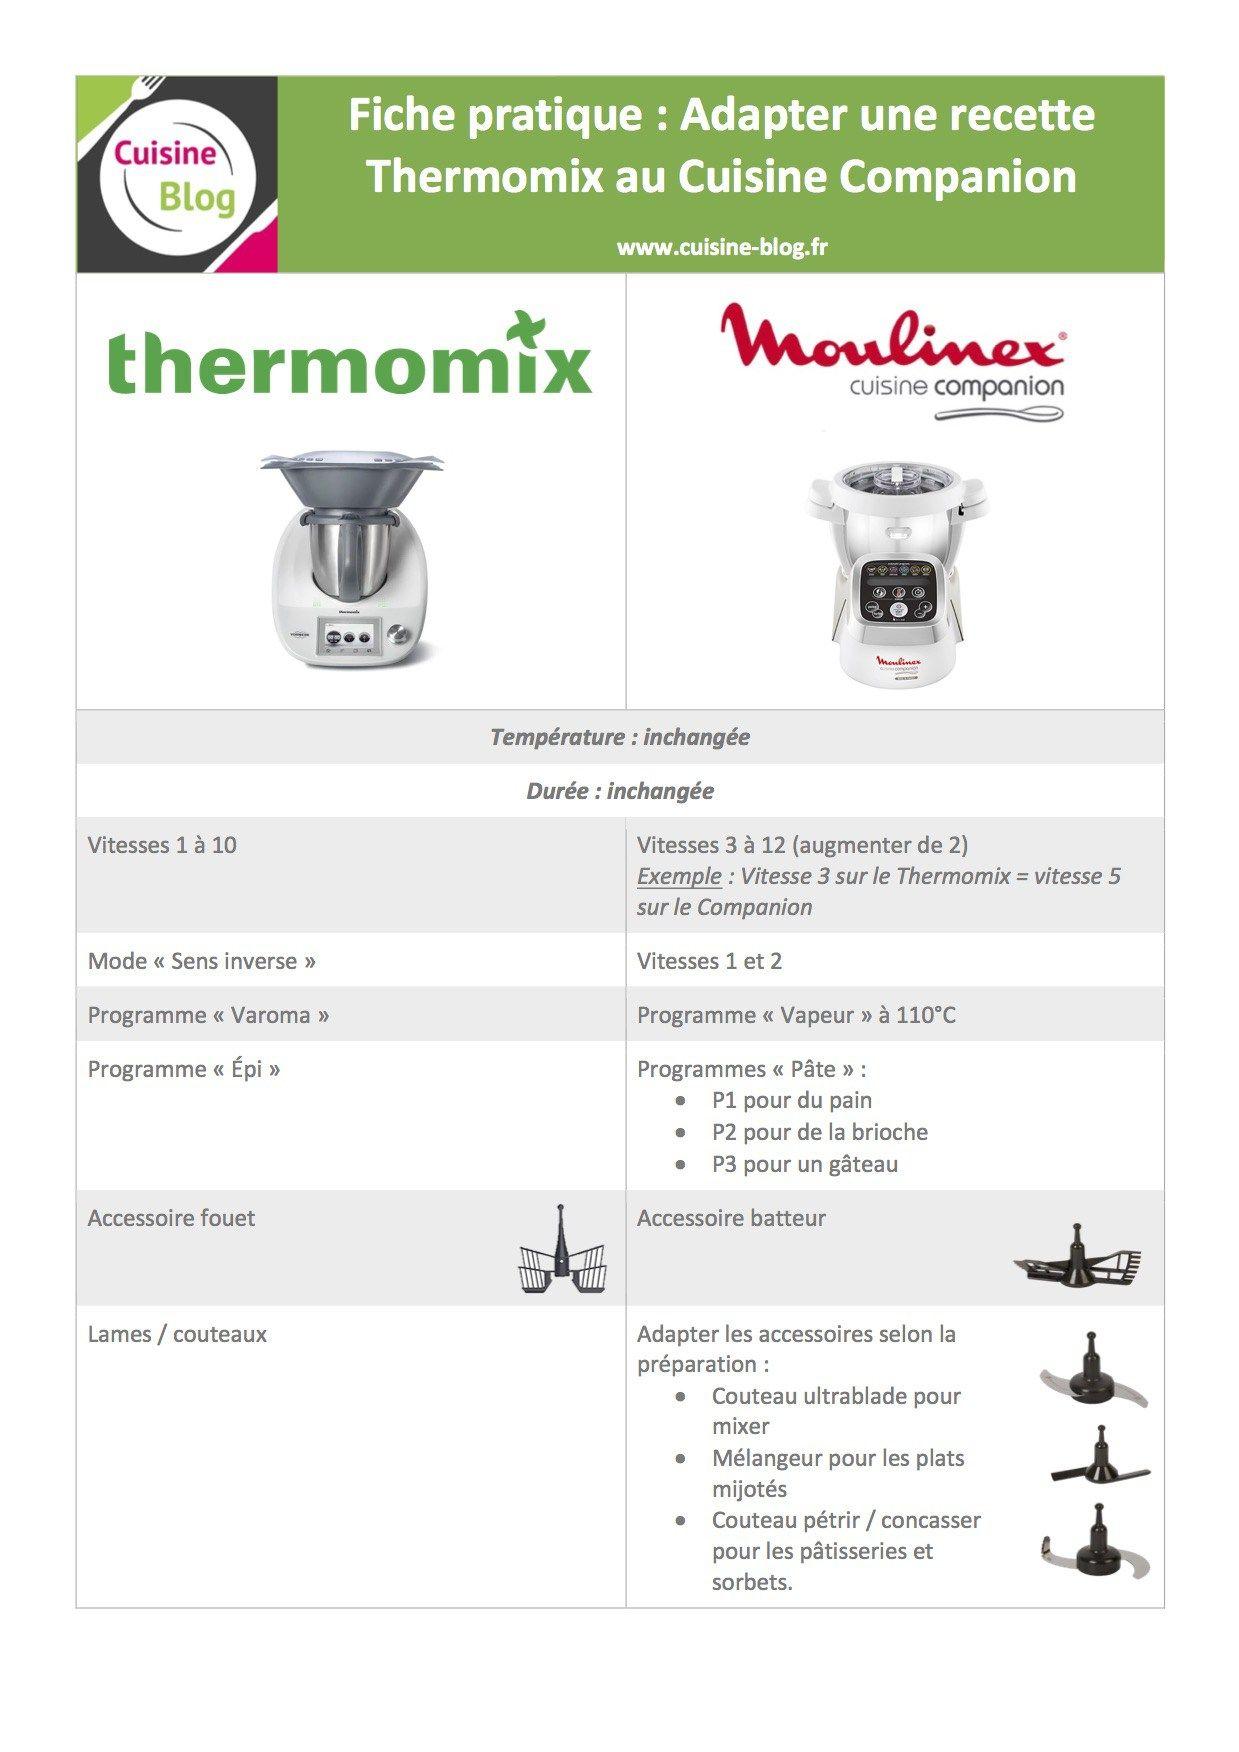 100 Remarquable Idées Comparaison Thermomix Et Companion